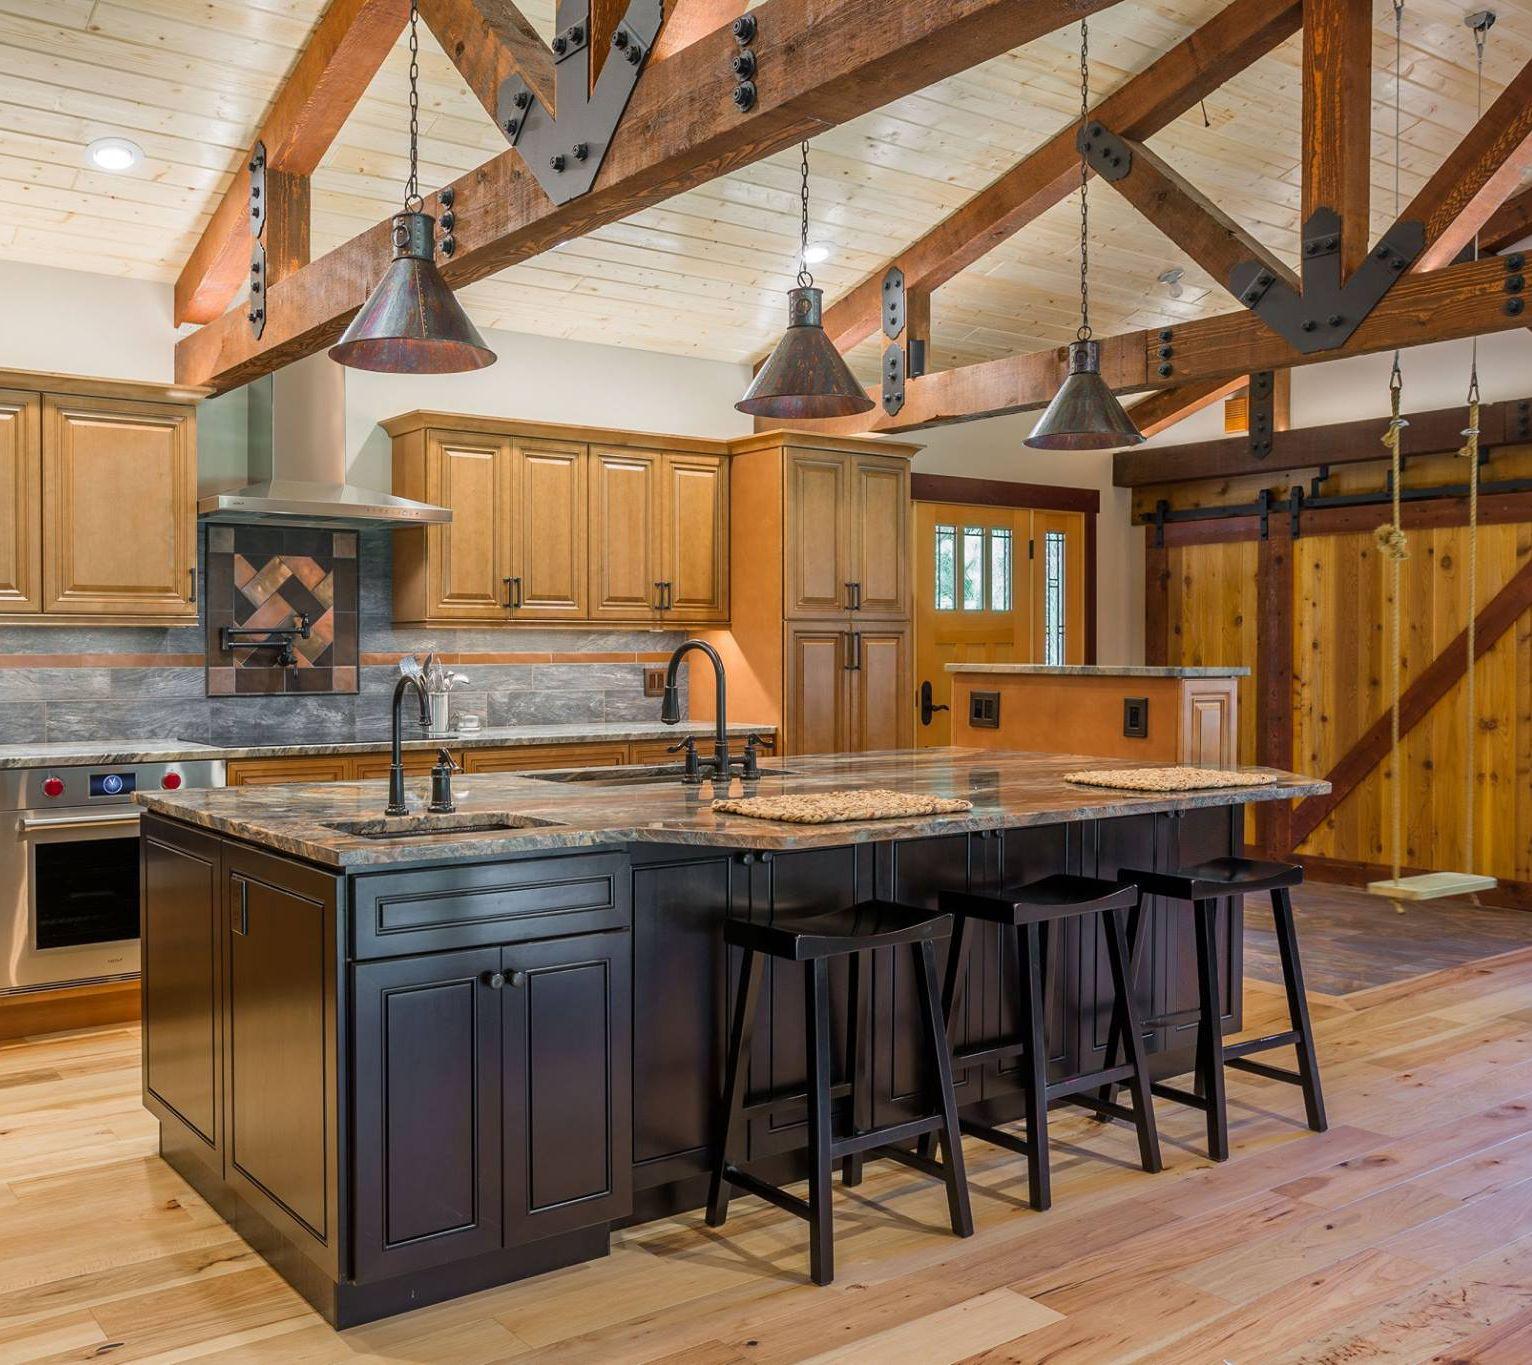 Home Cabinet Westbury Cinnamon Maple Kitchen Cabinets And Espresso Kitchen Island In 2020 Maple Kitchen Cabinets Maple Kitchen Espresso Kitchen